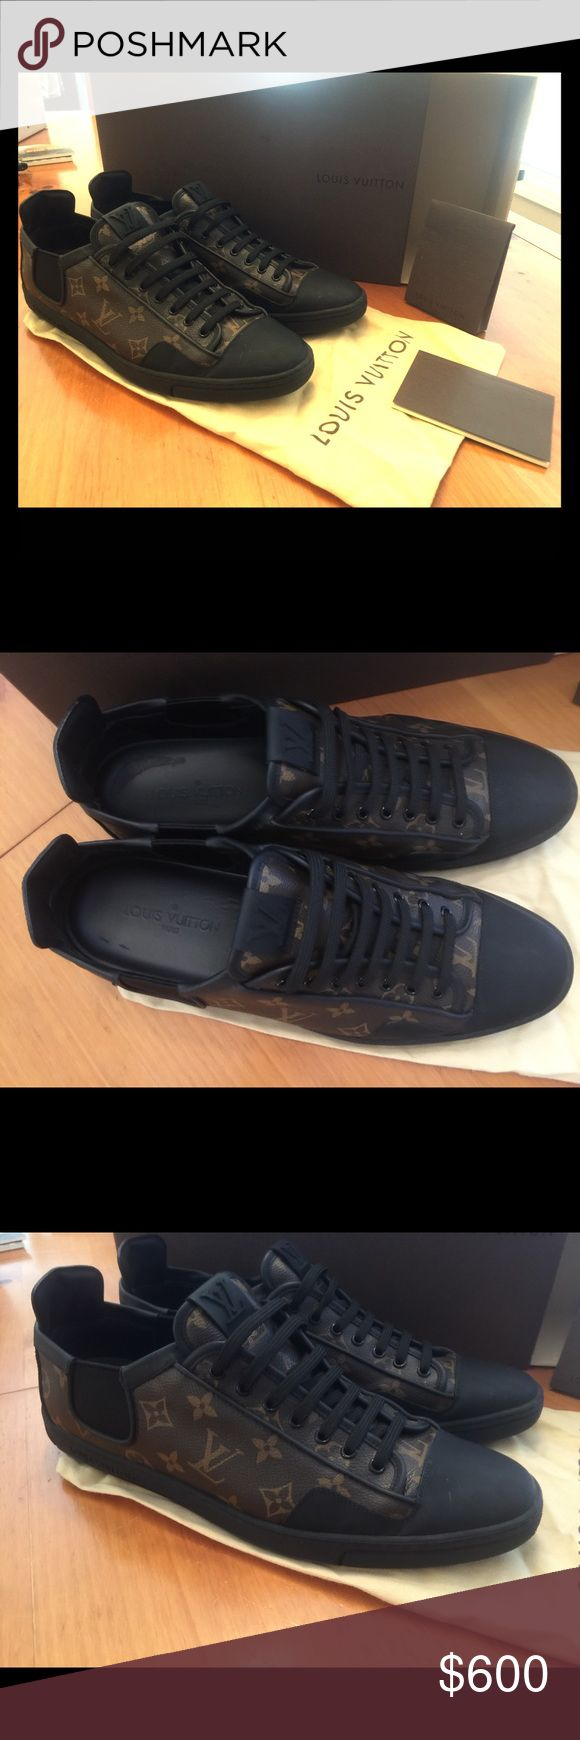 Authentic Louis Vuitton mens shoes size 10.5 Mens LV black and brown shoes - size 10.5 Louis Vuitton Shoes